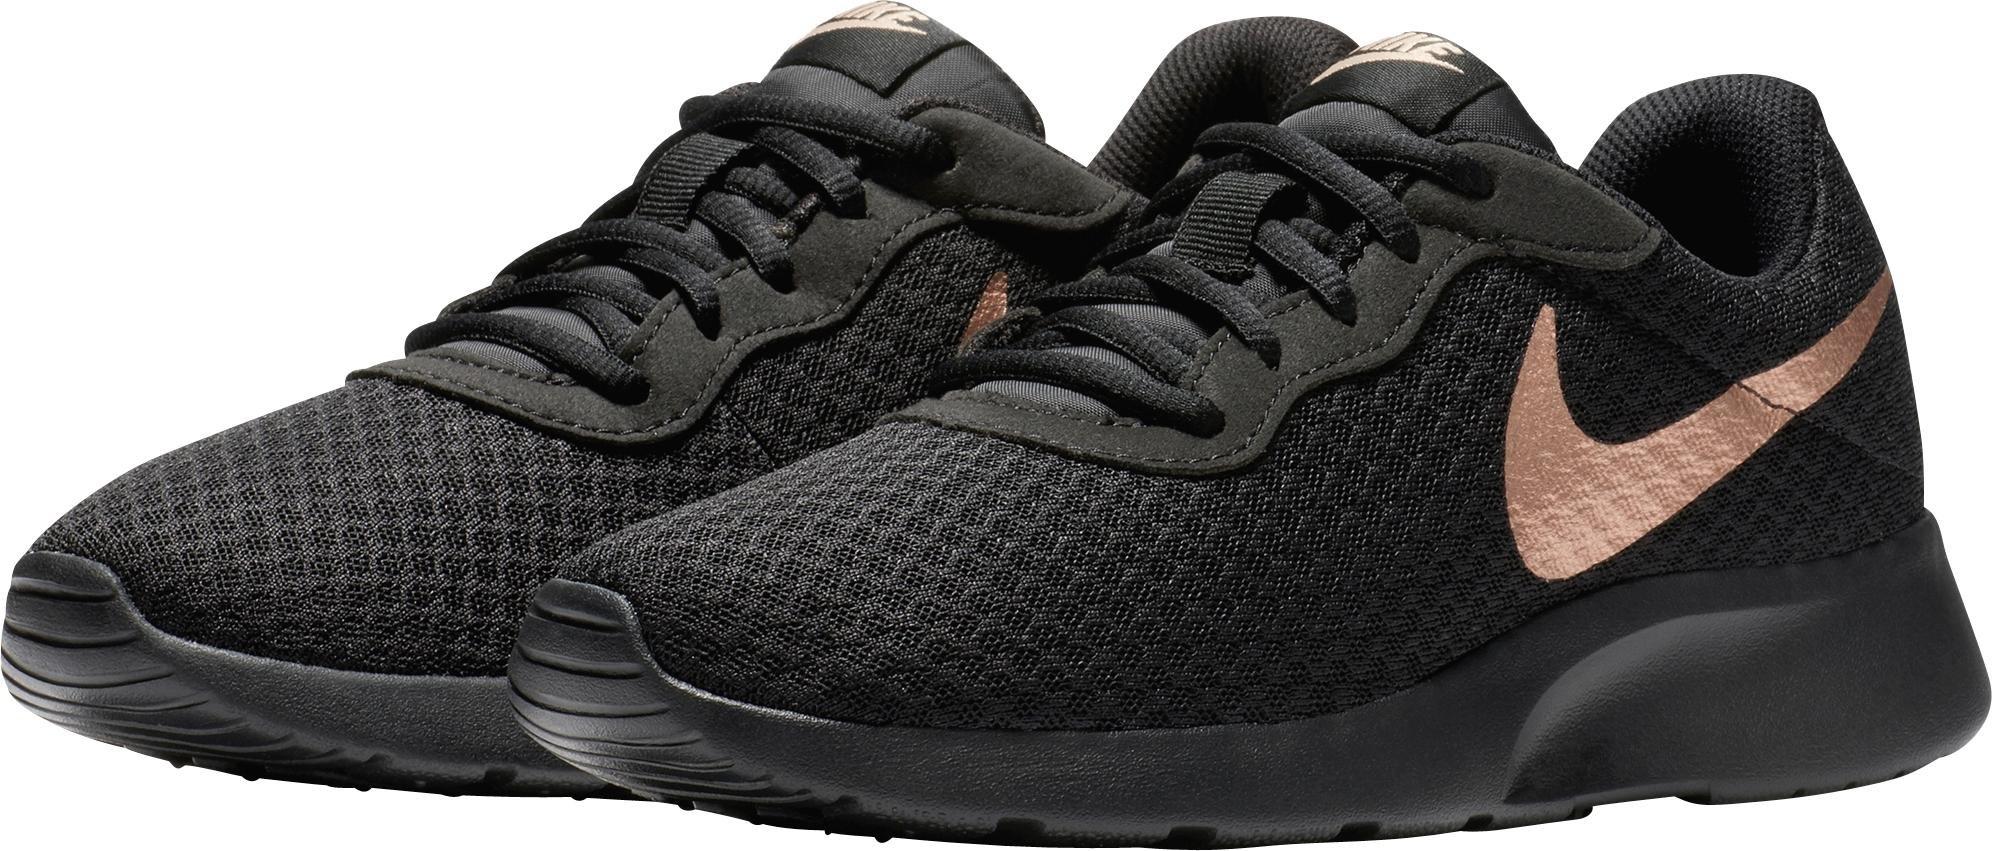 Nike Sportswear sneakers »Tanjun Wmns« veilig op otto.nl kopen